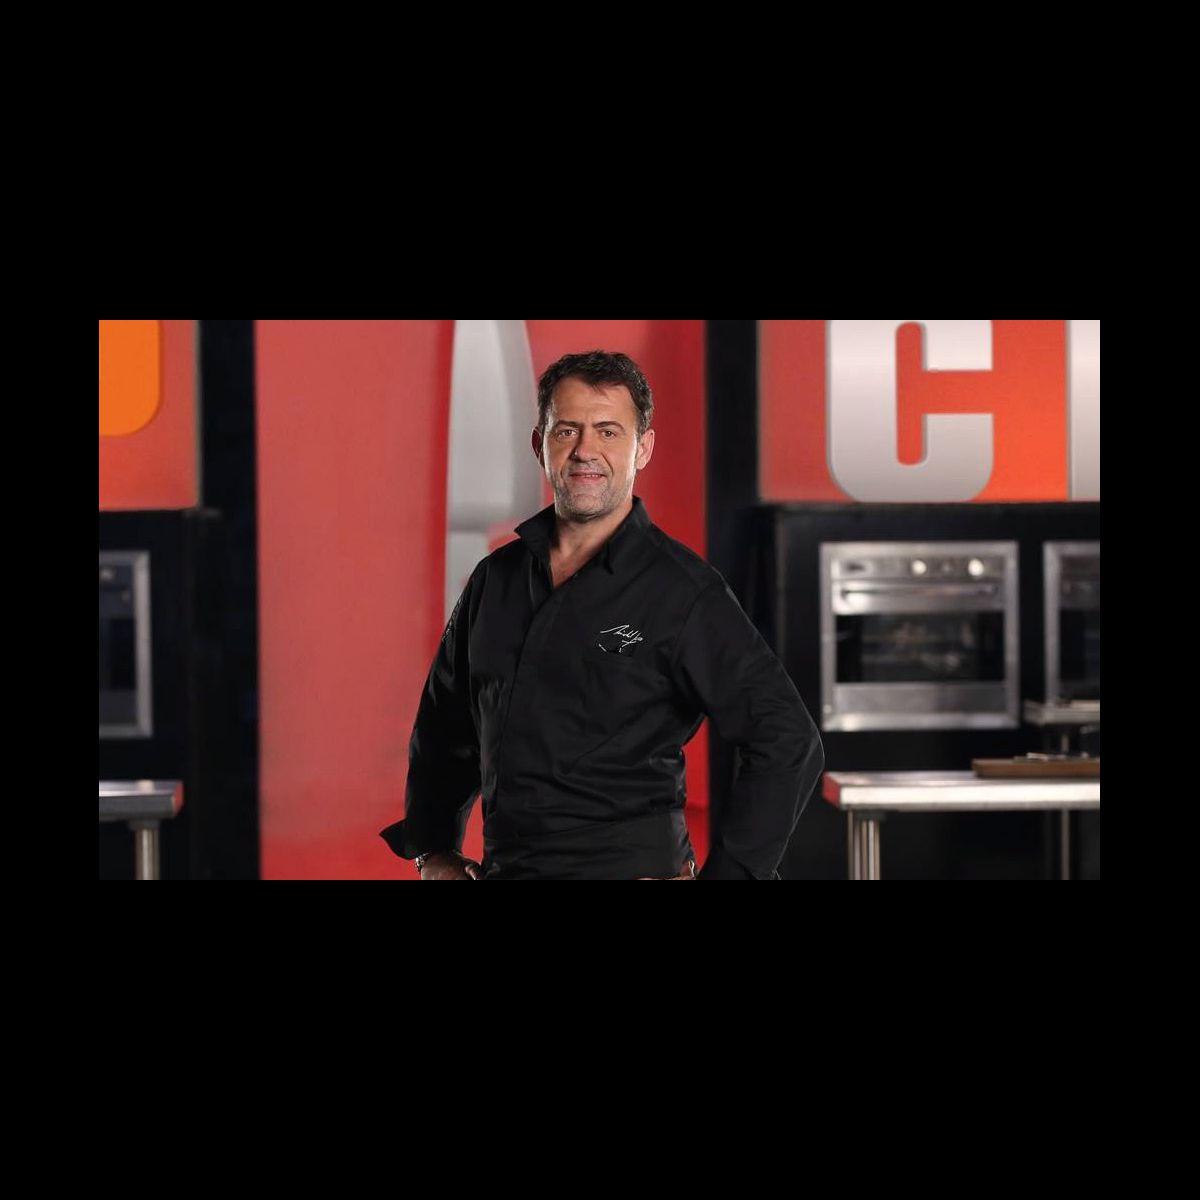 michel sarran jur de top chef 2015 j 39 avais peur de devenir l 39 abominable cuisinier. Black Bedroom Furniture Sets. Home Design Ideas